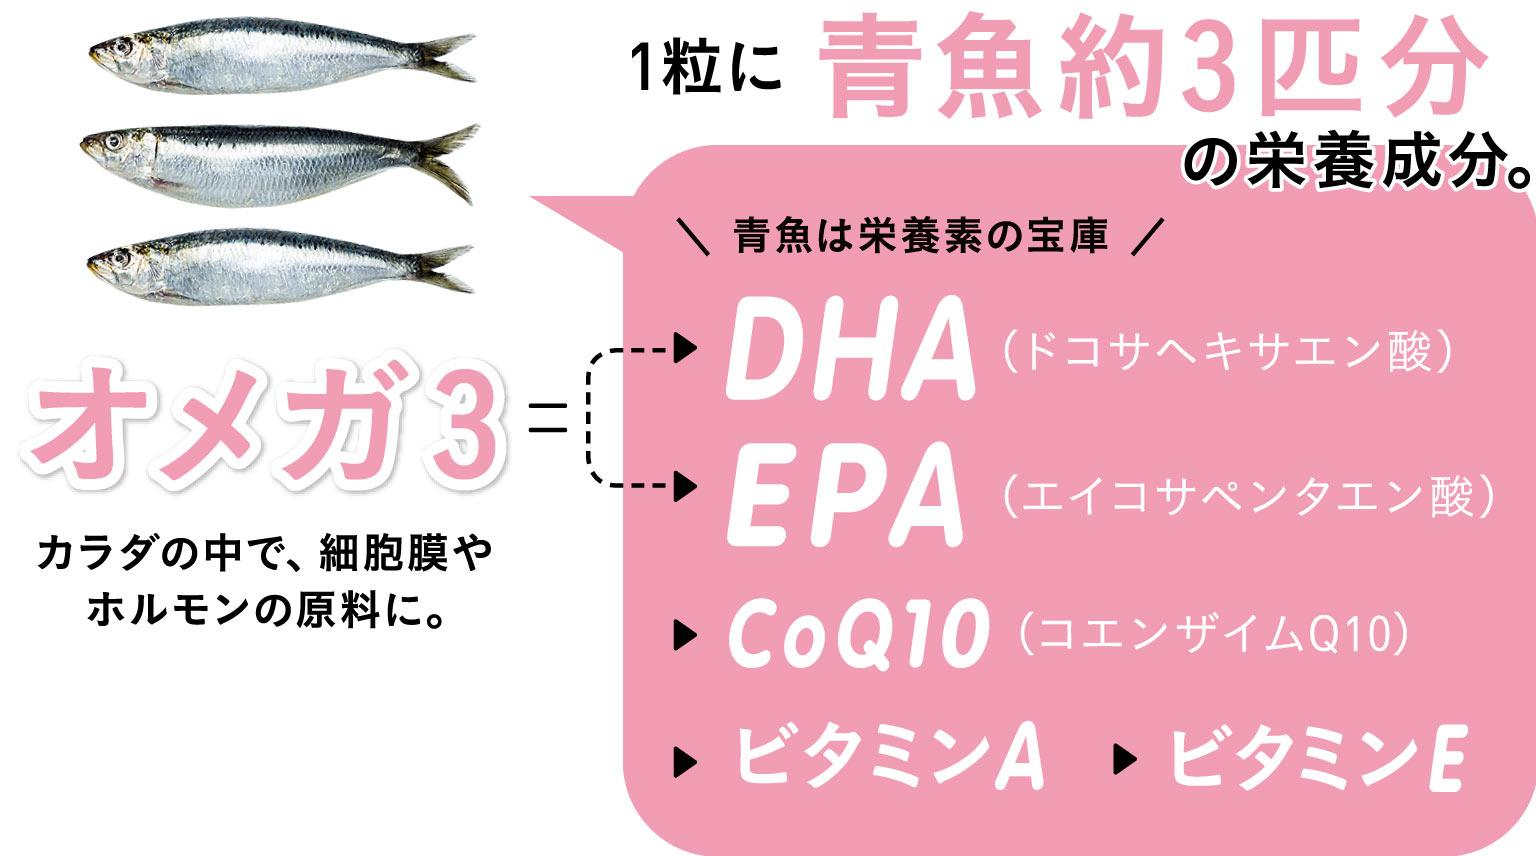 青魚は栄養素の宝庫/オメガ3…カラダの中で、細胞膜やホルモンの原料に。●DHA(ドコサヘキサエン酸) ●EPA(エイコサペンタエン酸) そのほかCoQ10 (コエンザイムQ10)、ビタミンA、ビタミンE